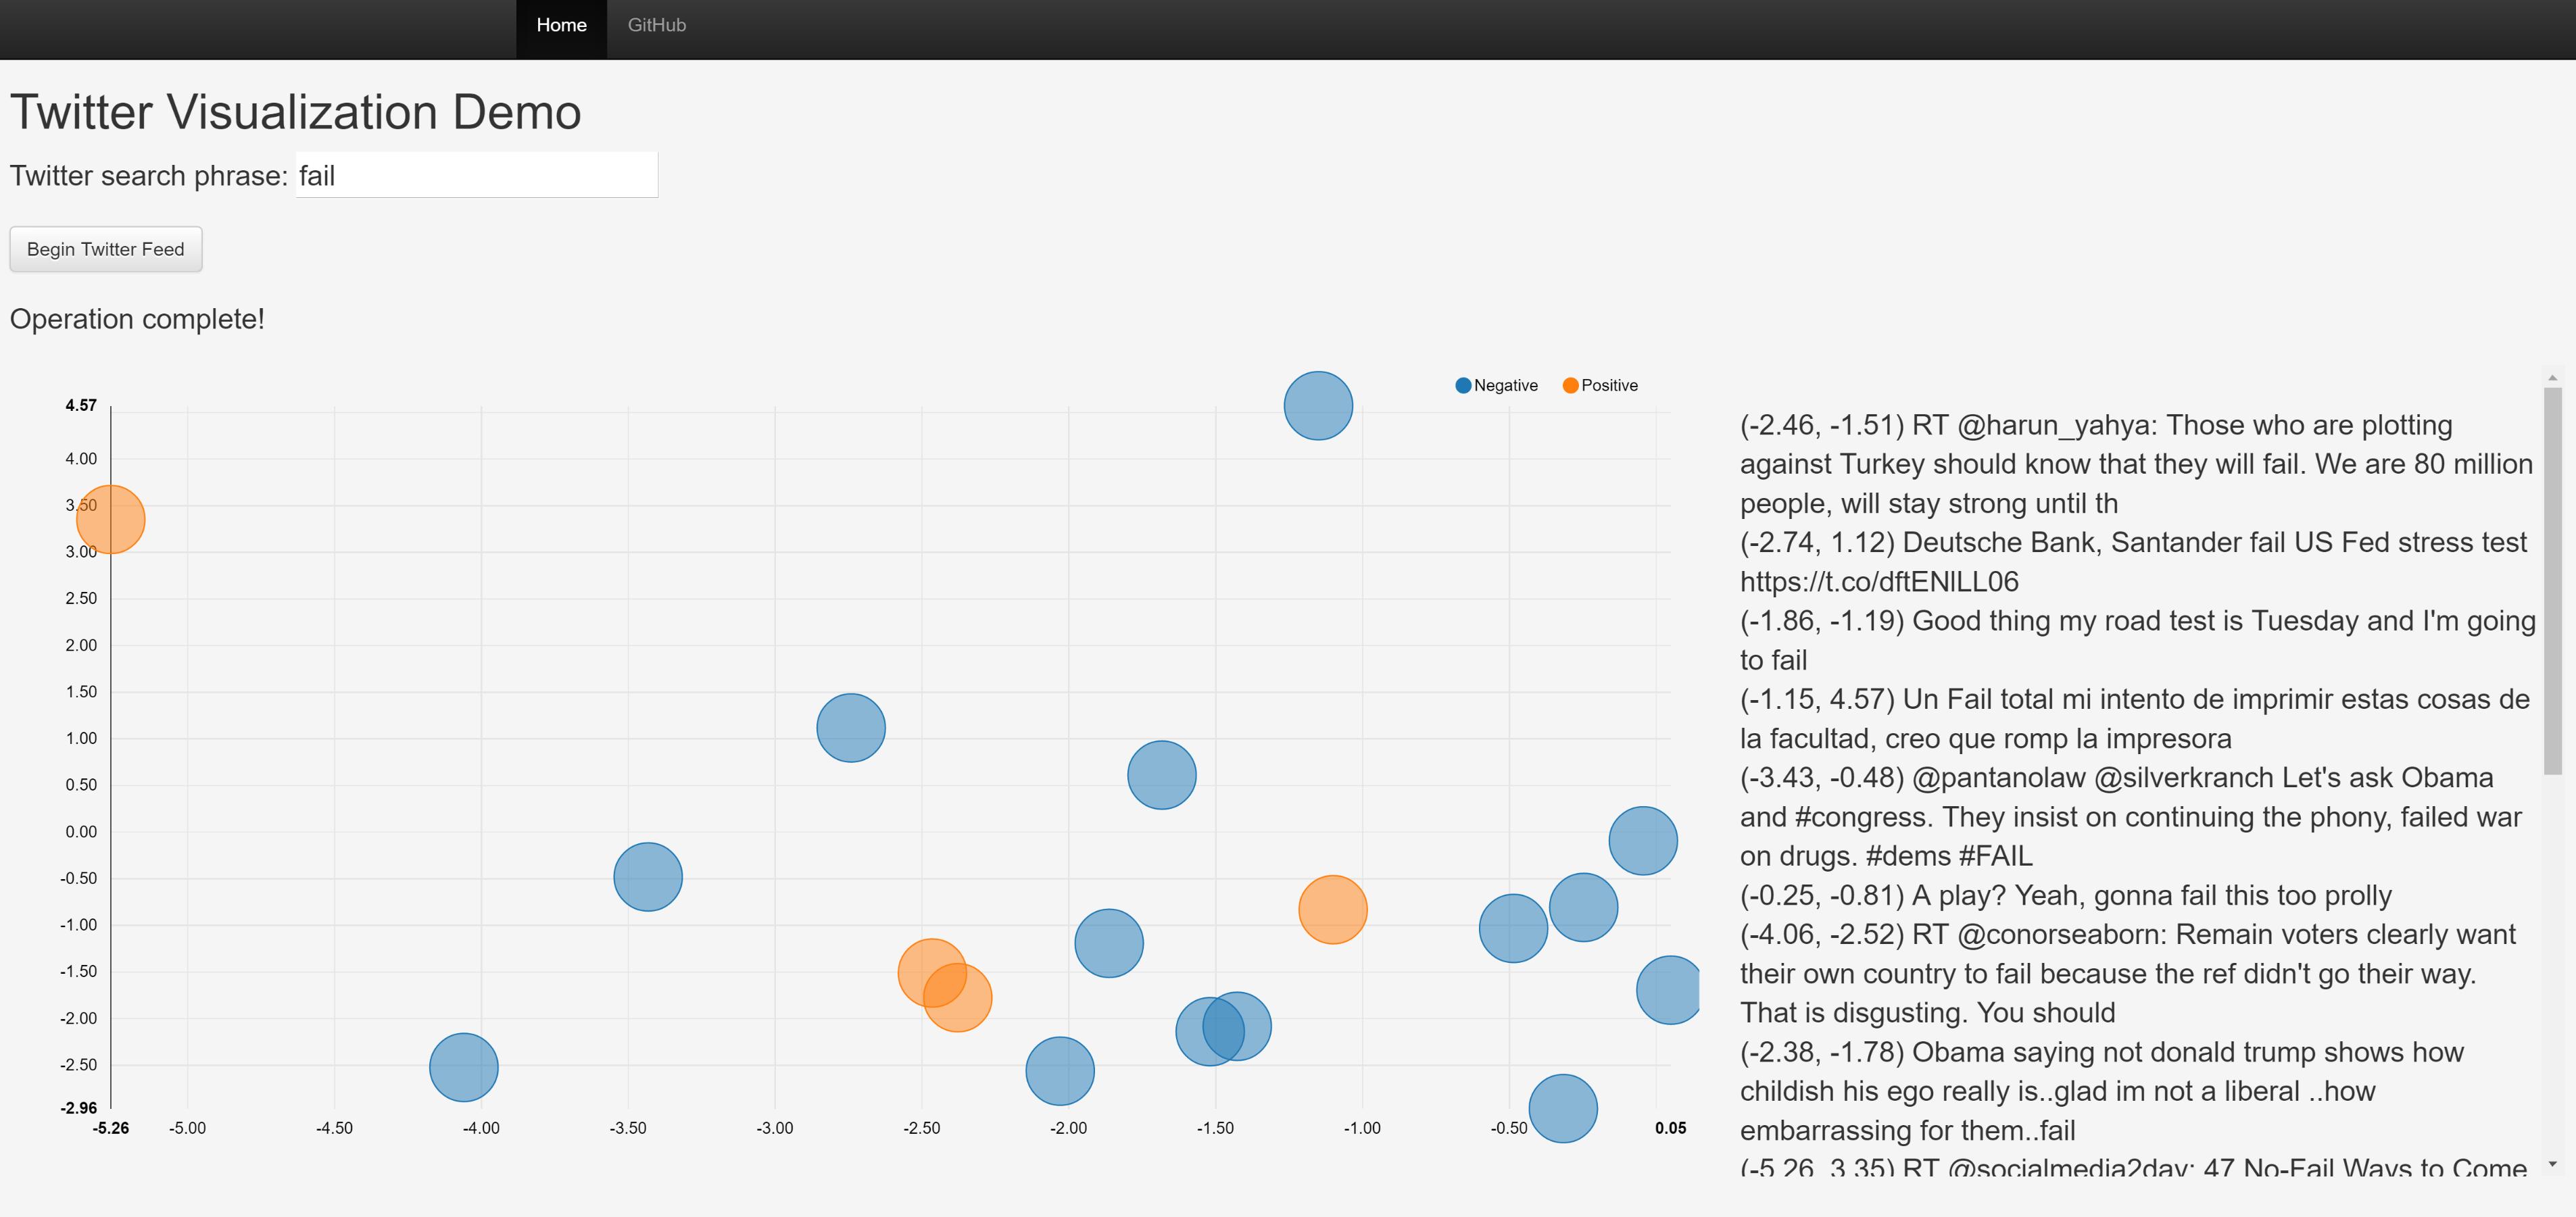 GitHub - jdwittenauer/twitter-viz-demo: Twitter visualizaton